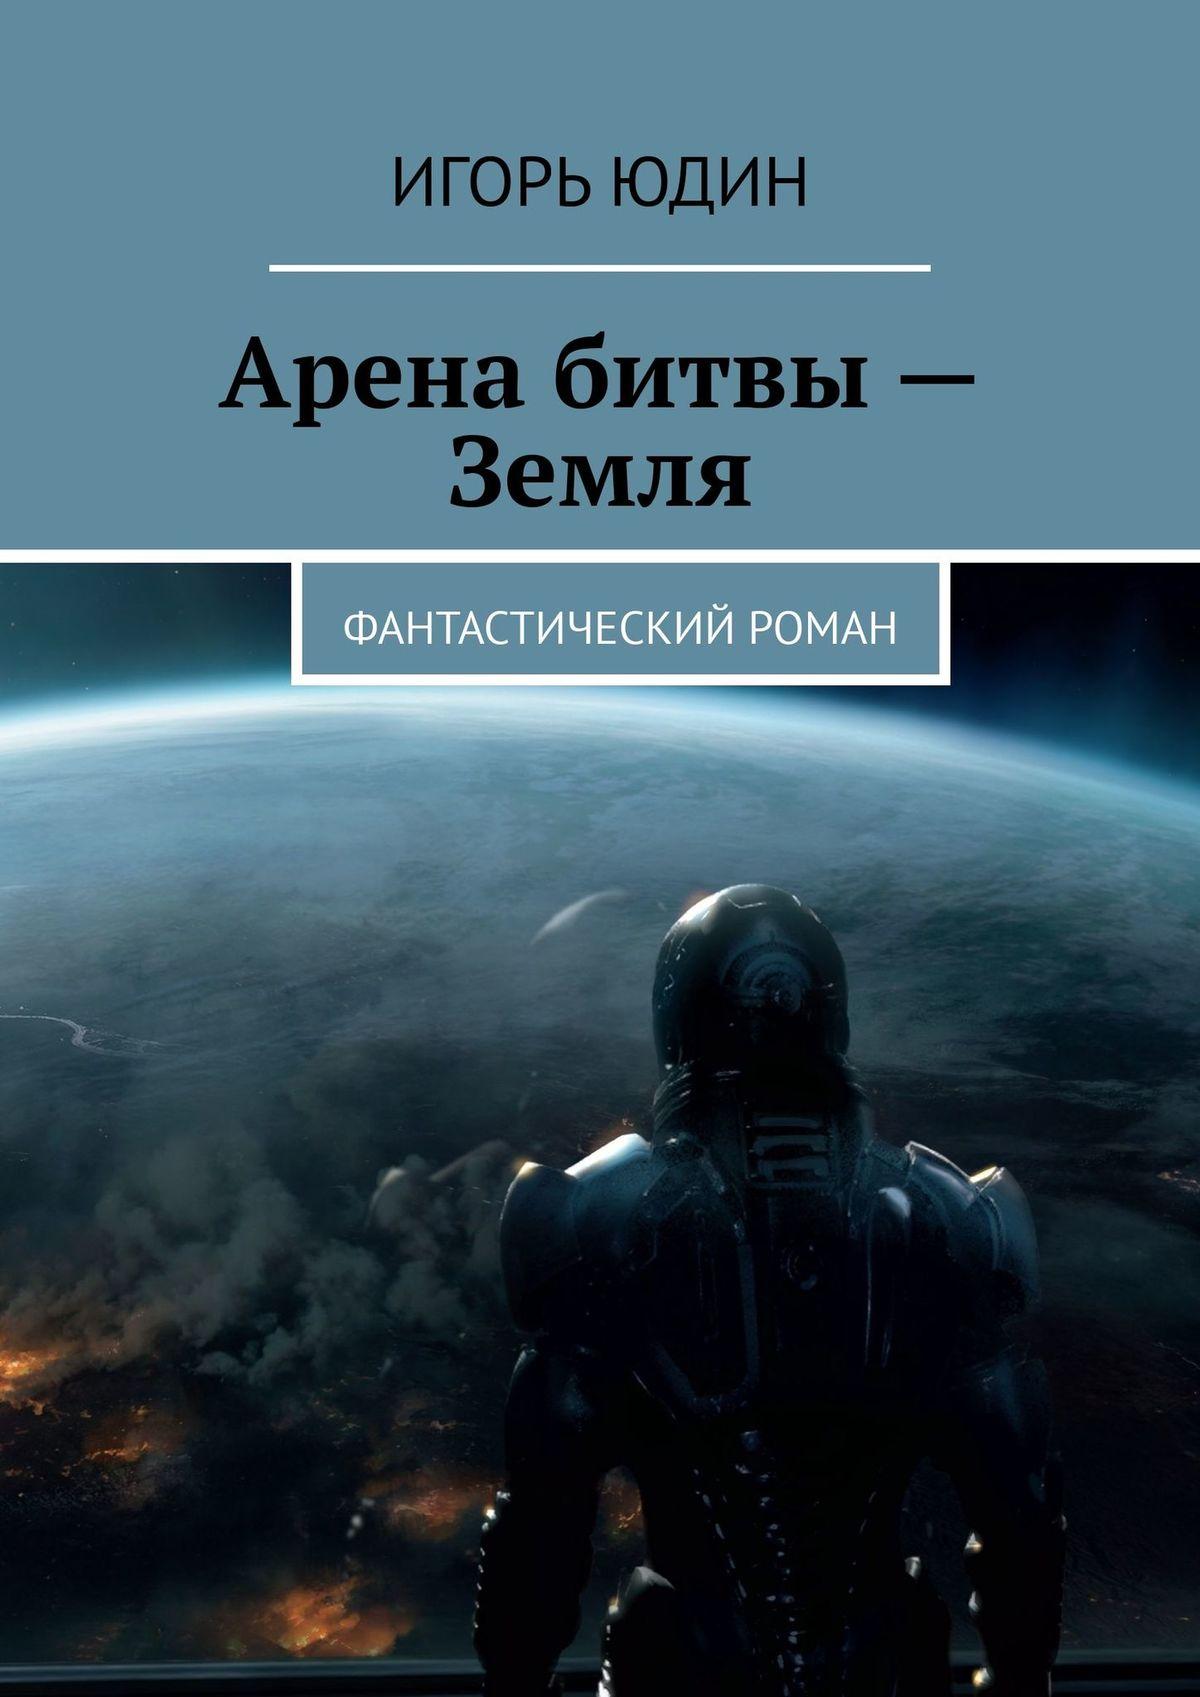 Арена битвы– Земля. Фантастический роман